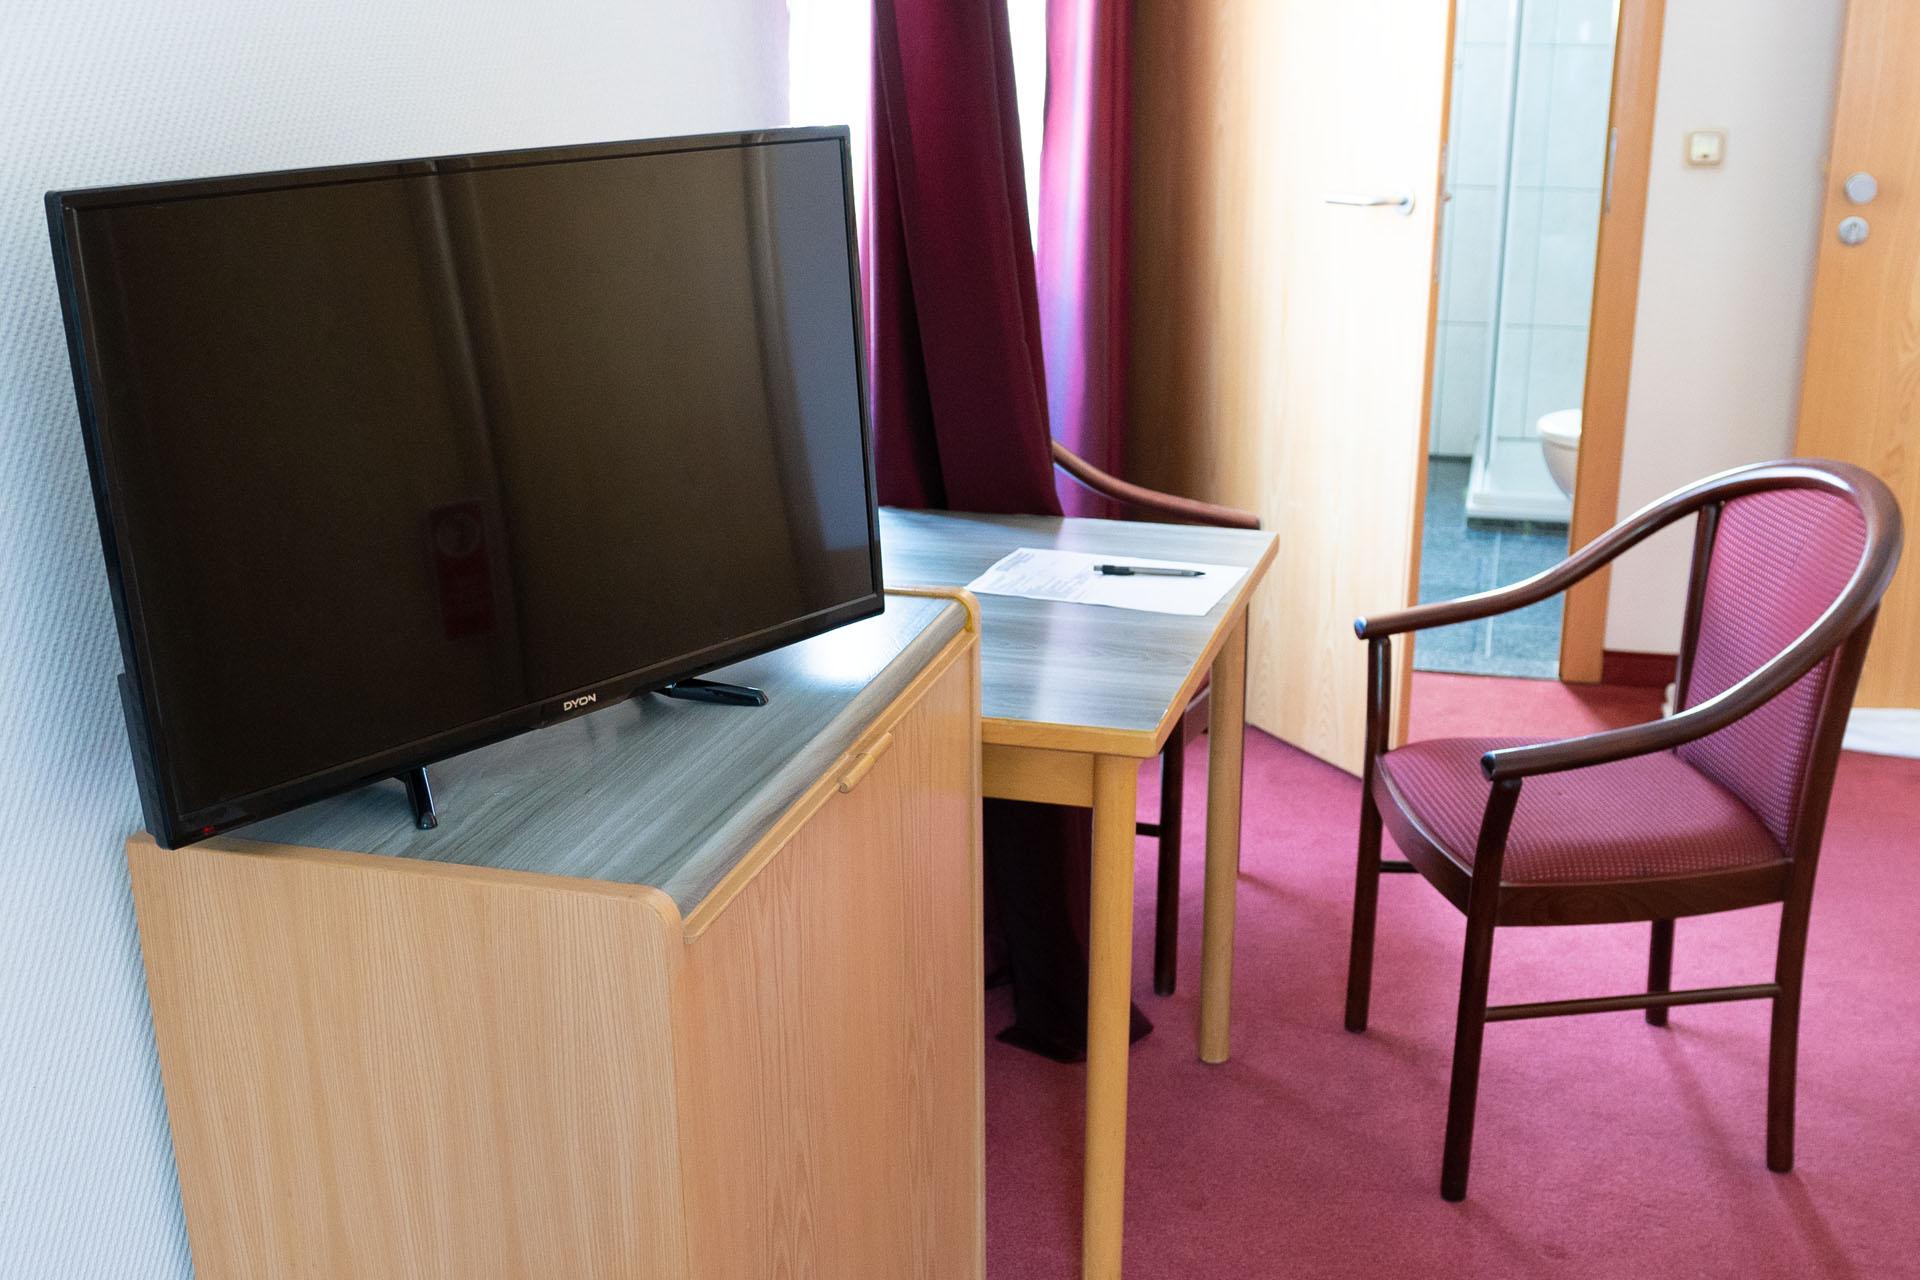 Hotel_Aggertal_Zimmer_Einzelzimmer_Schreibtisch_TV